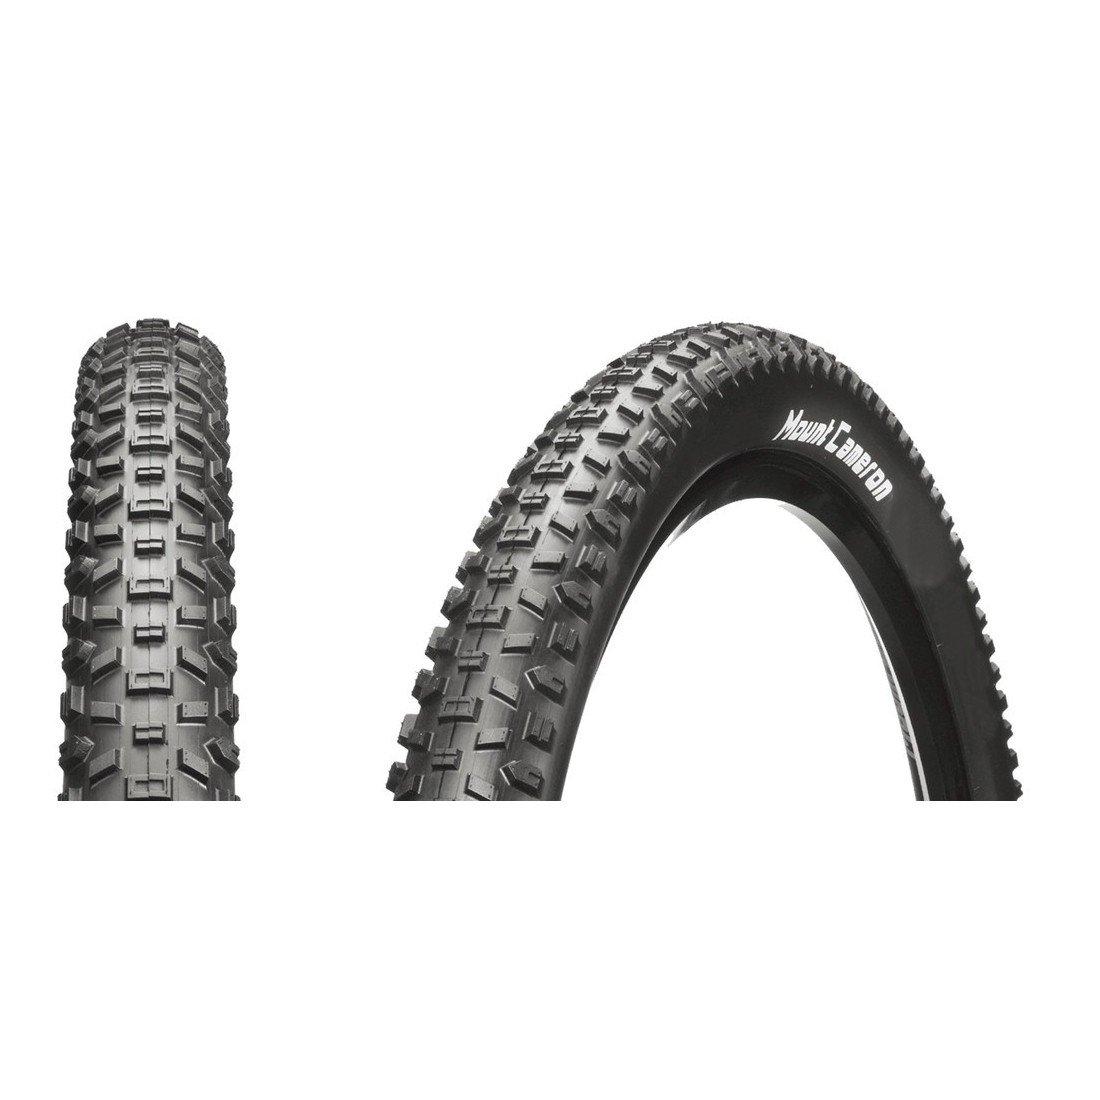 Großhandelsverkauf großer Rabattverkauf Herbst Schuhe Arisun Uni Mount Cameron Bicycle Tyres - Black, 27.5 x 2.30 ...